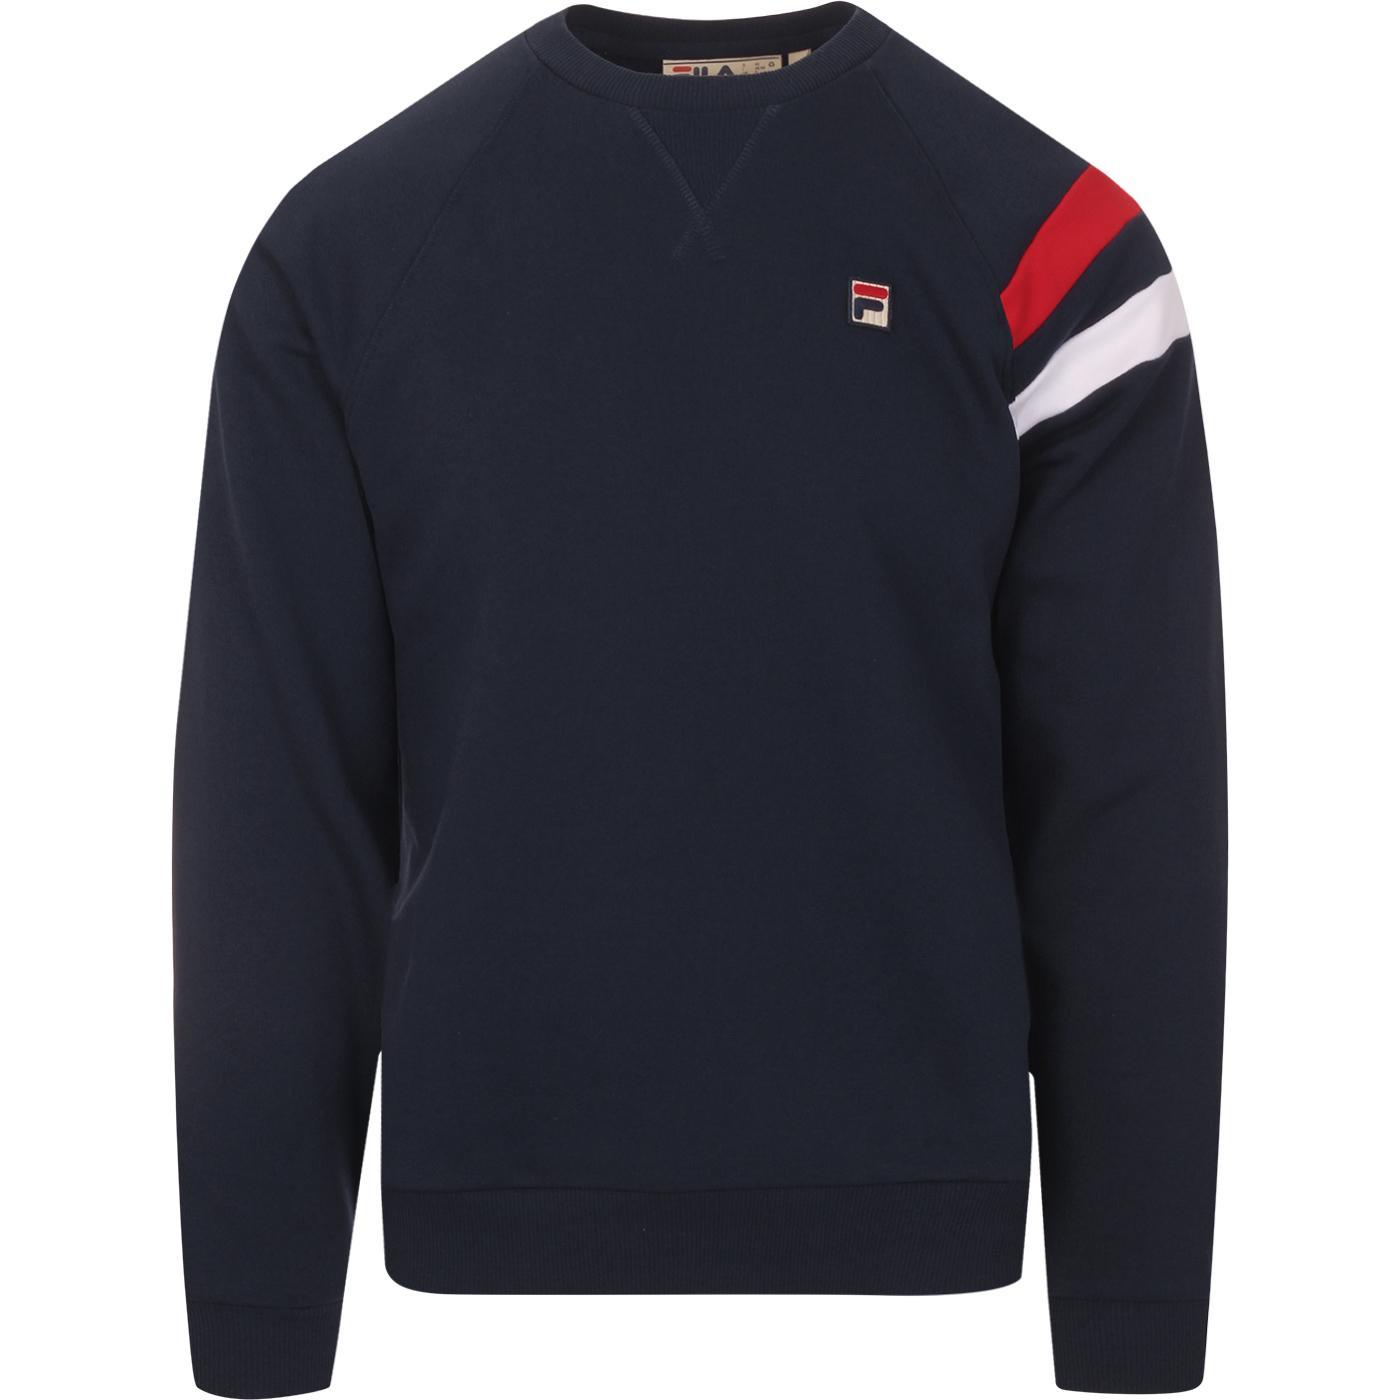 Acers FILA VINTAGE Raglan Sleeve Sweatshirt (P)